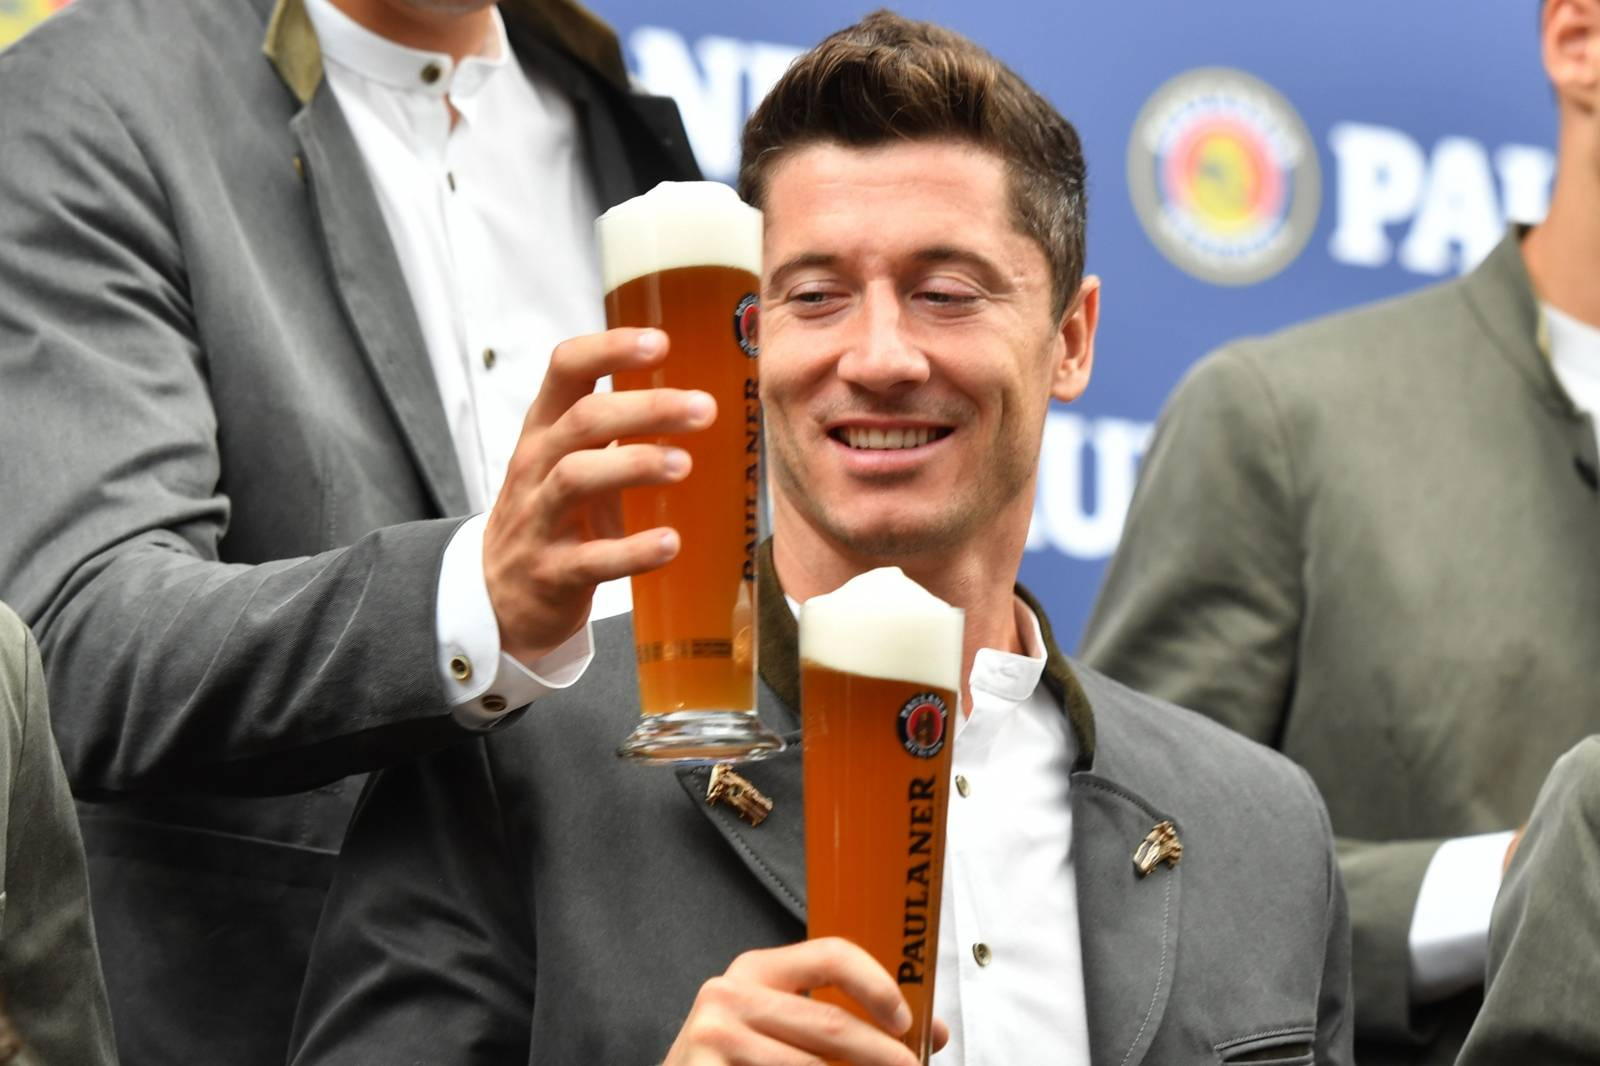 FC Bayern Munich-Paulaner photo shoot.